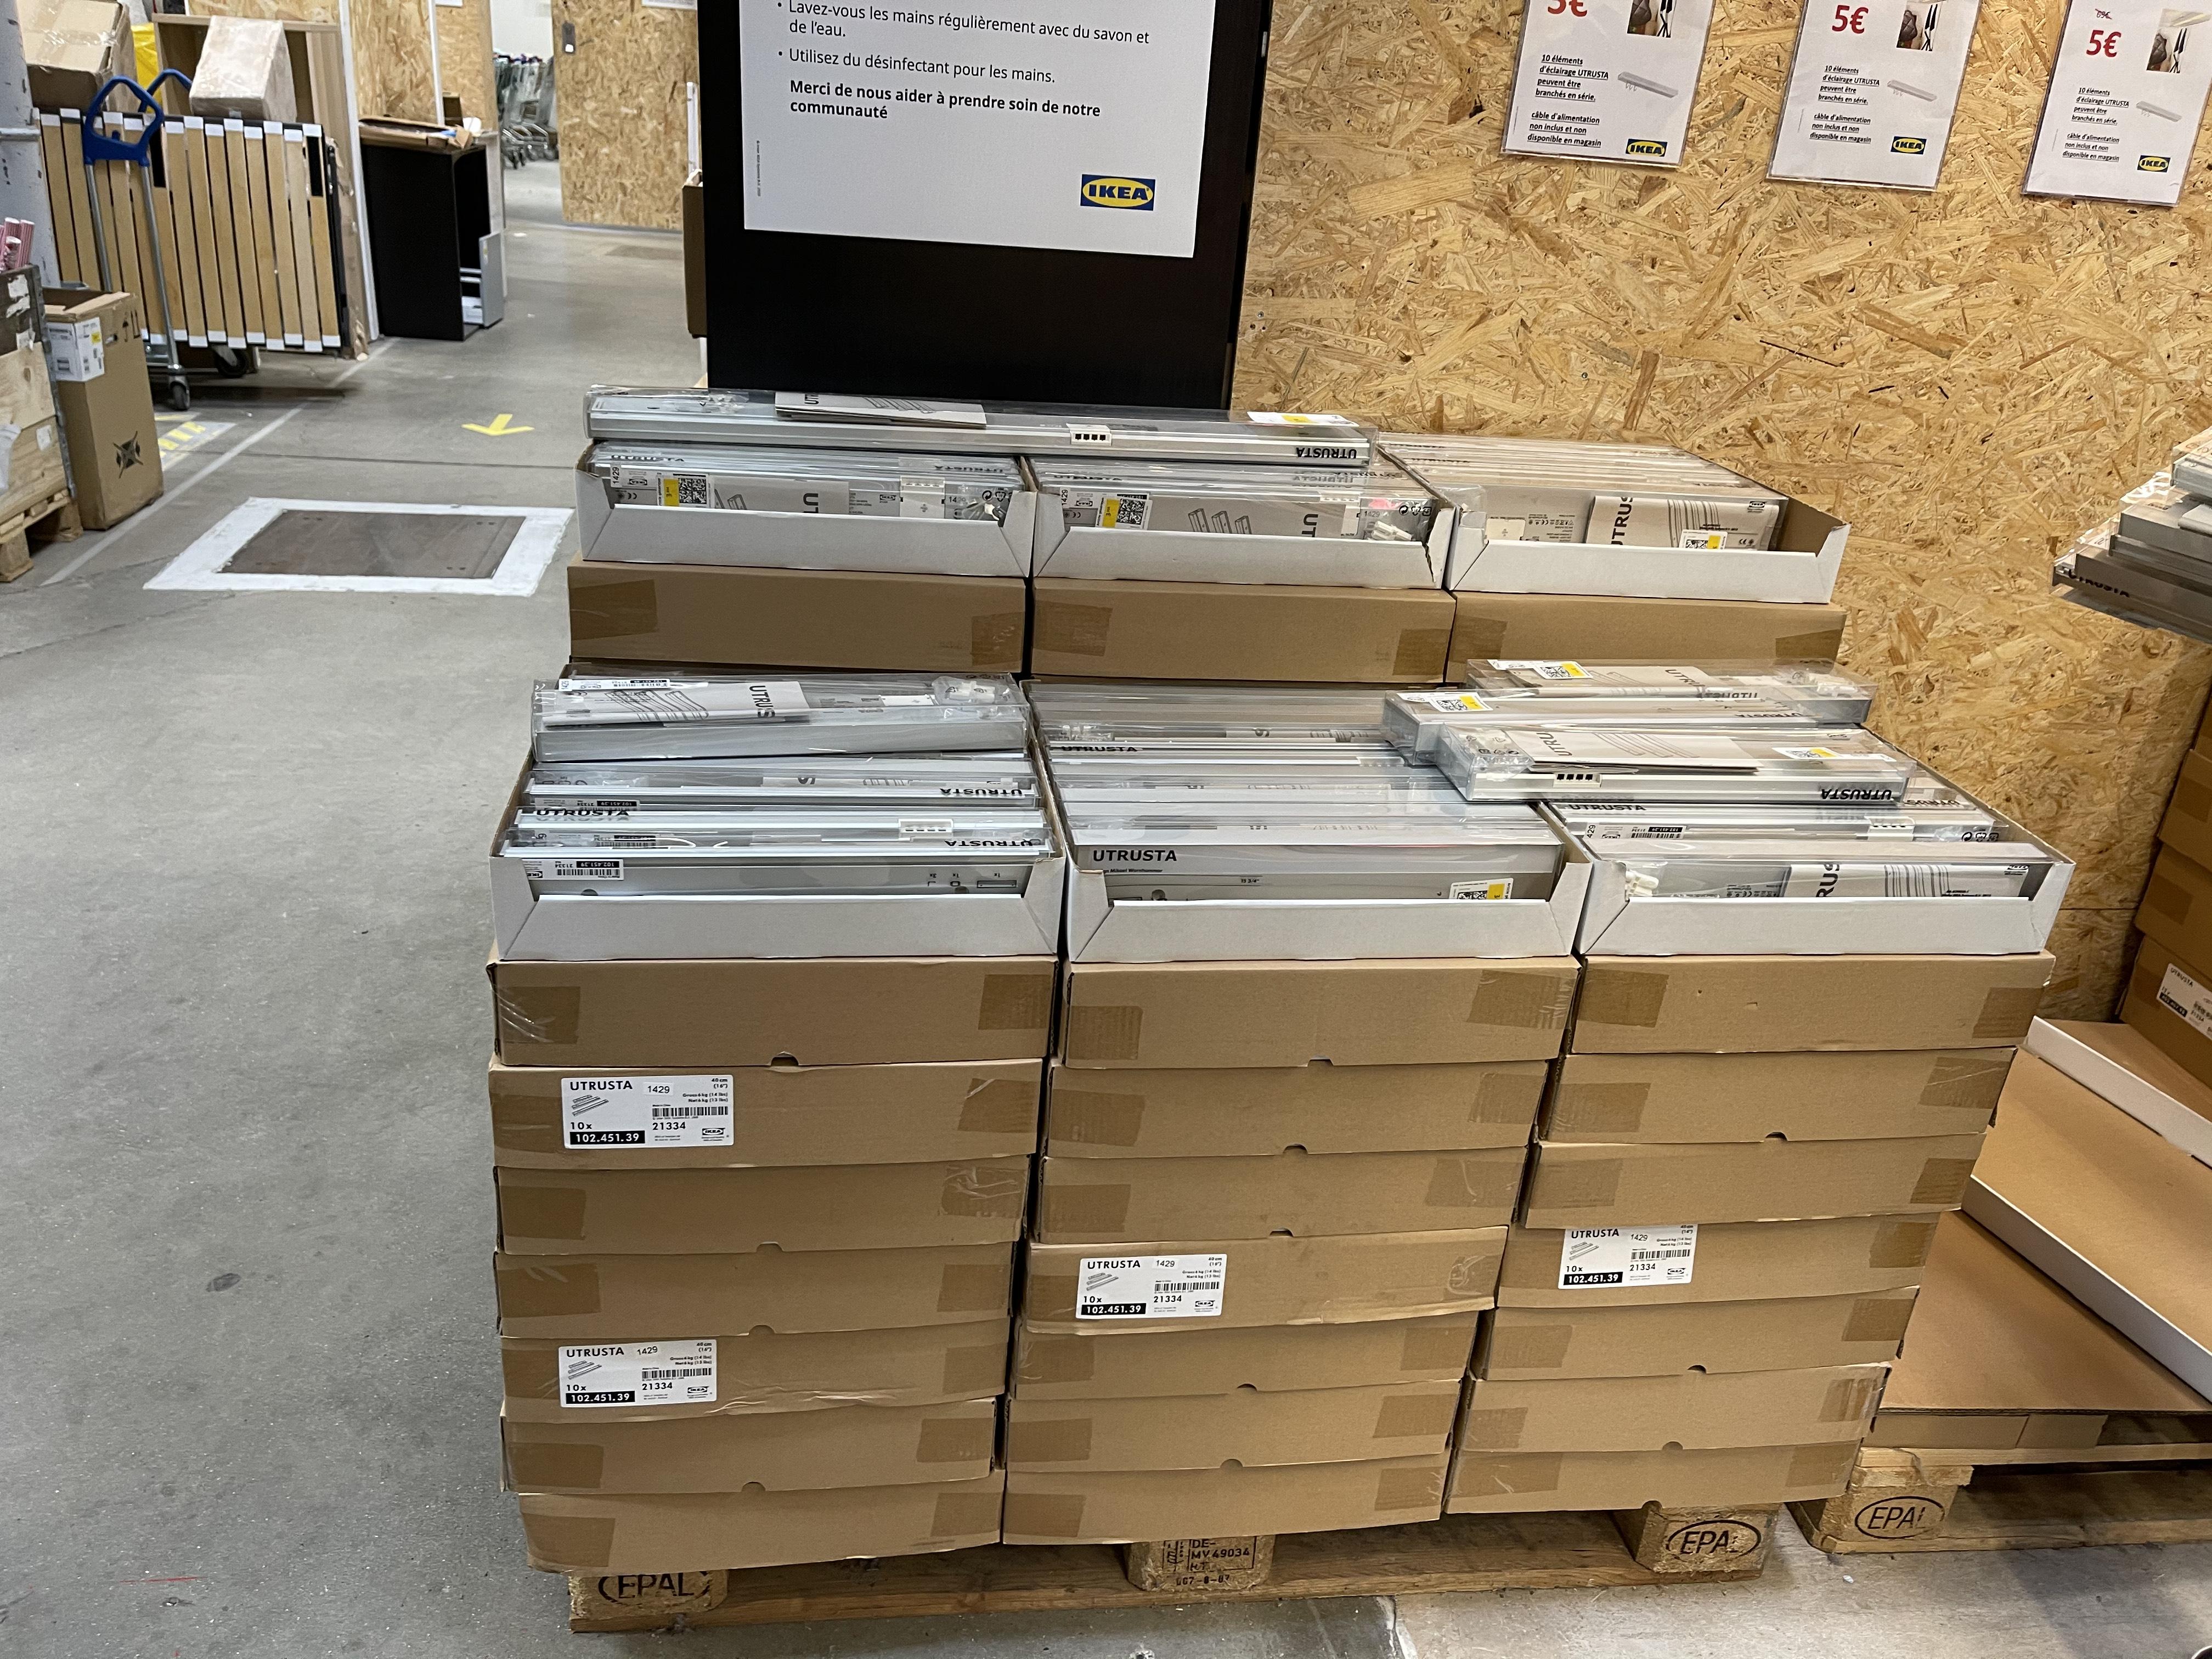 Éclairage plan de travail Utrusta - 80cm, Ikea Lomme (59)